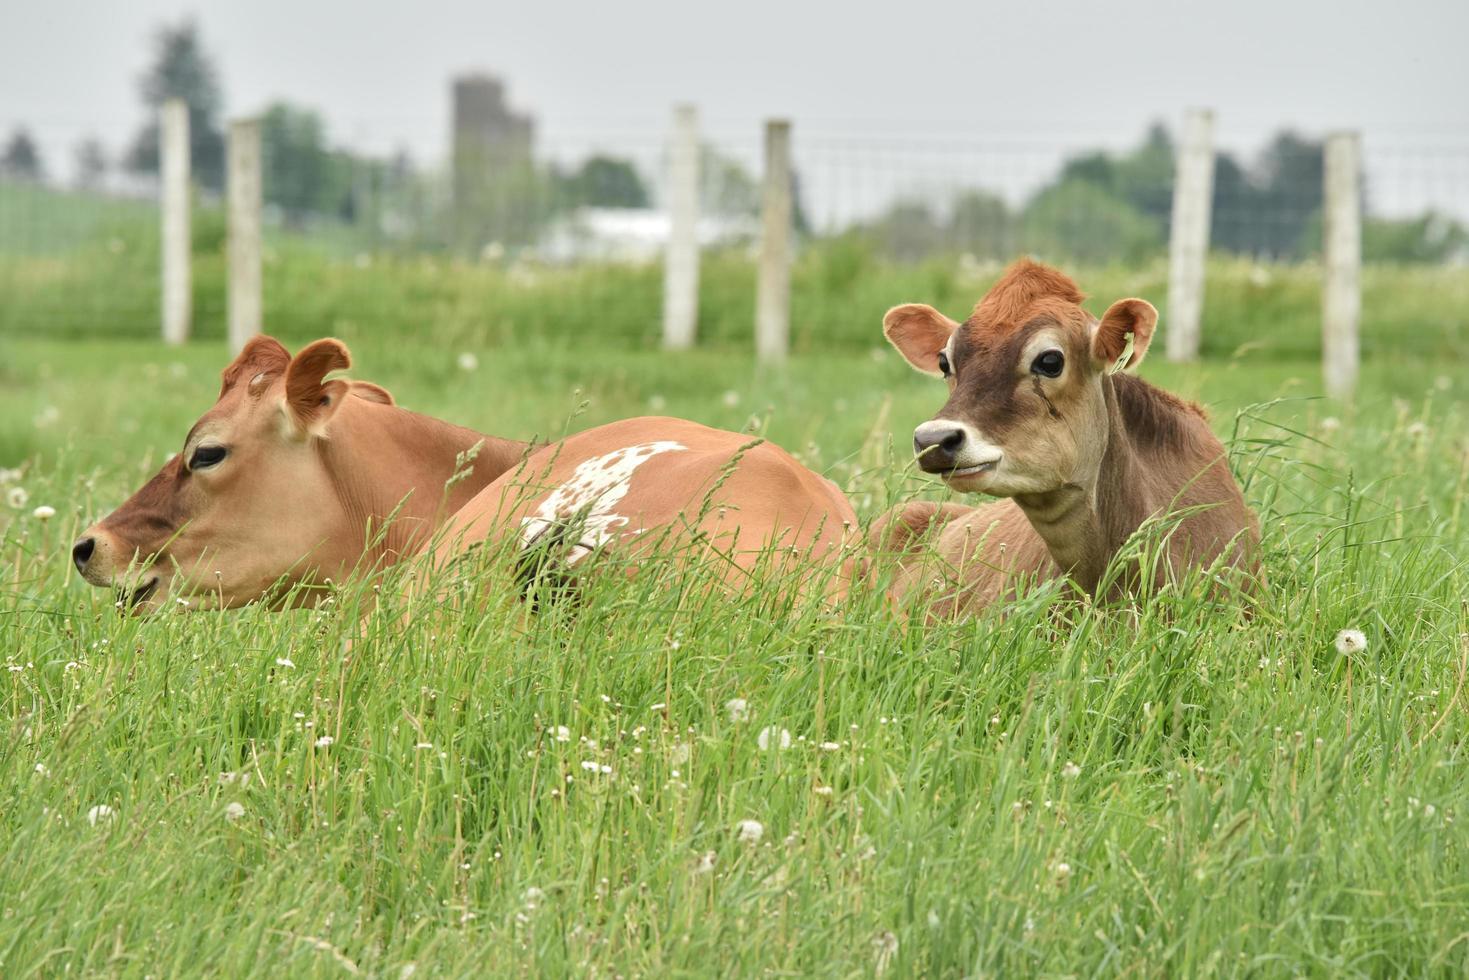 Deux bovins bruns sur champ d'herbe verte pendant la journée photo